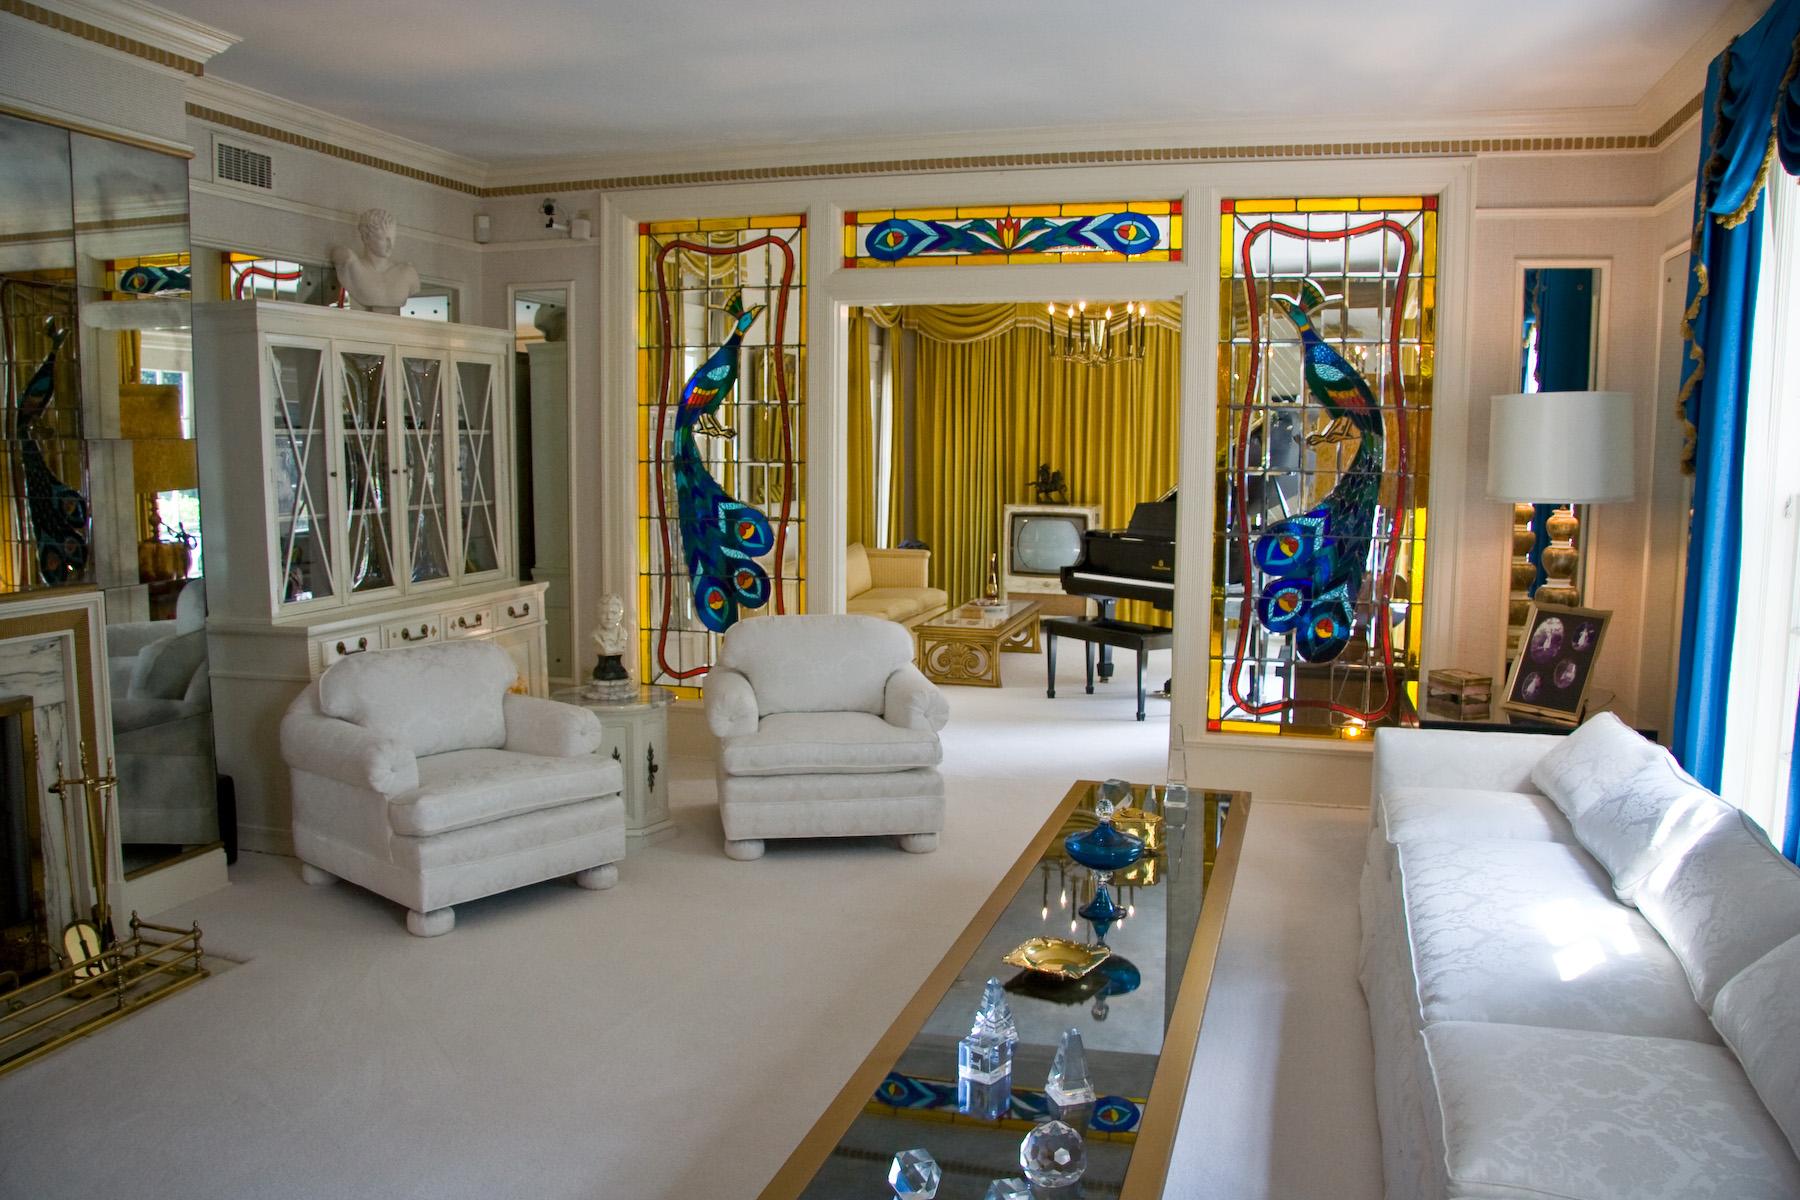 Graceland_living_room_1.jpg